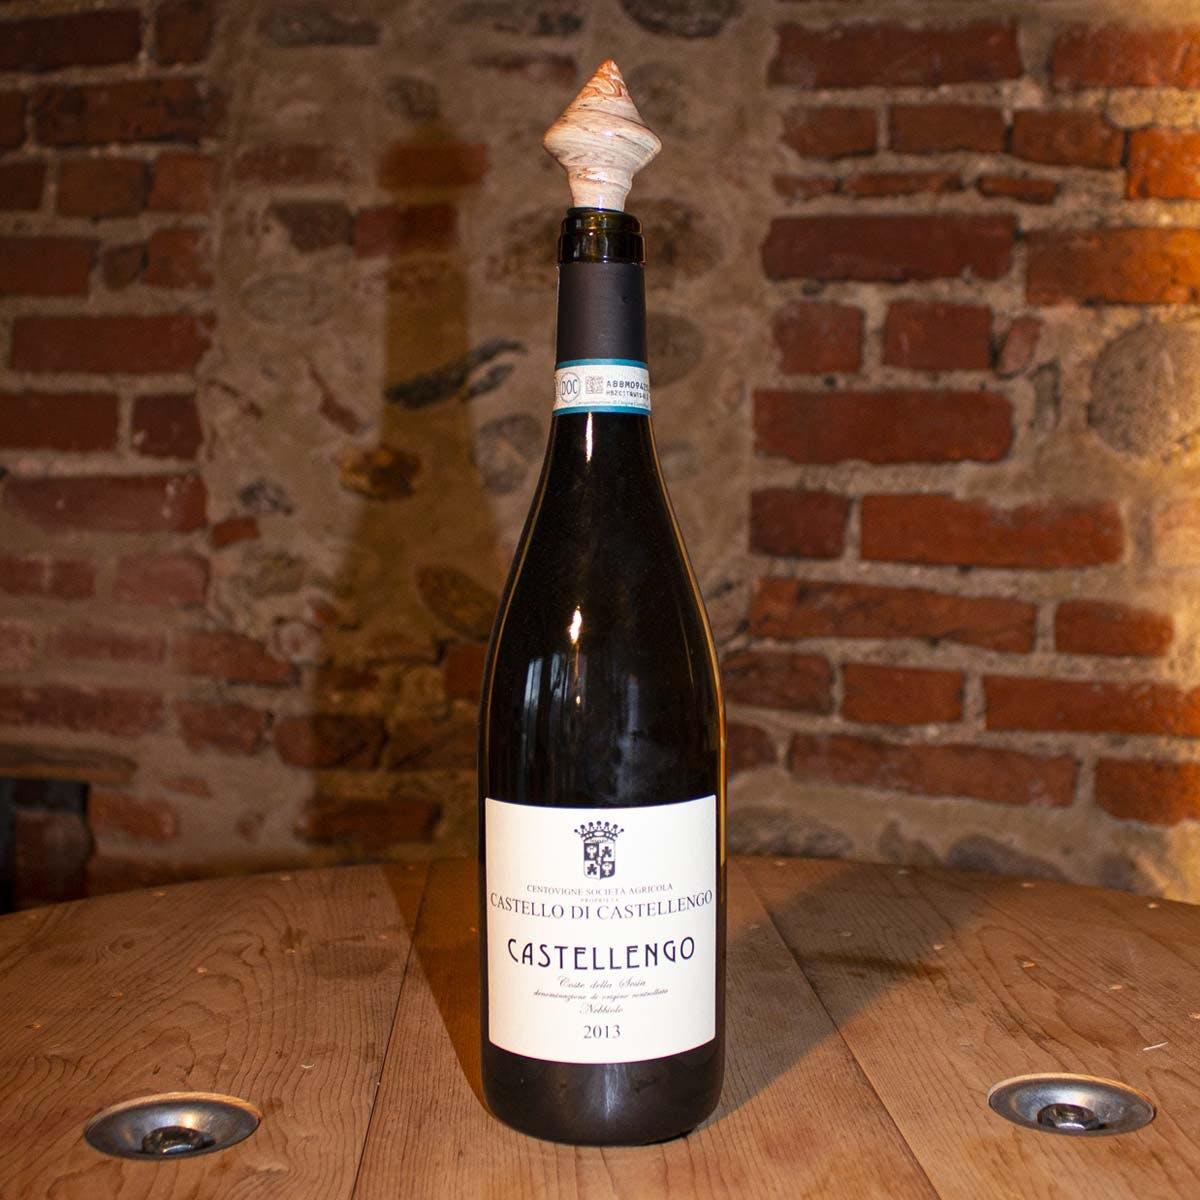 Tappo per bottiglia in terracotta - Handmade